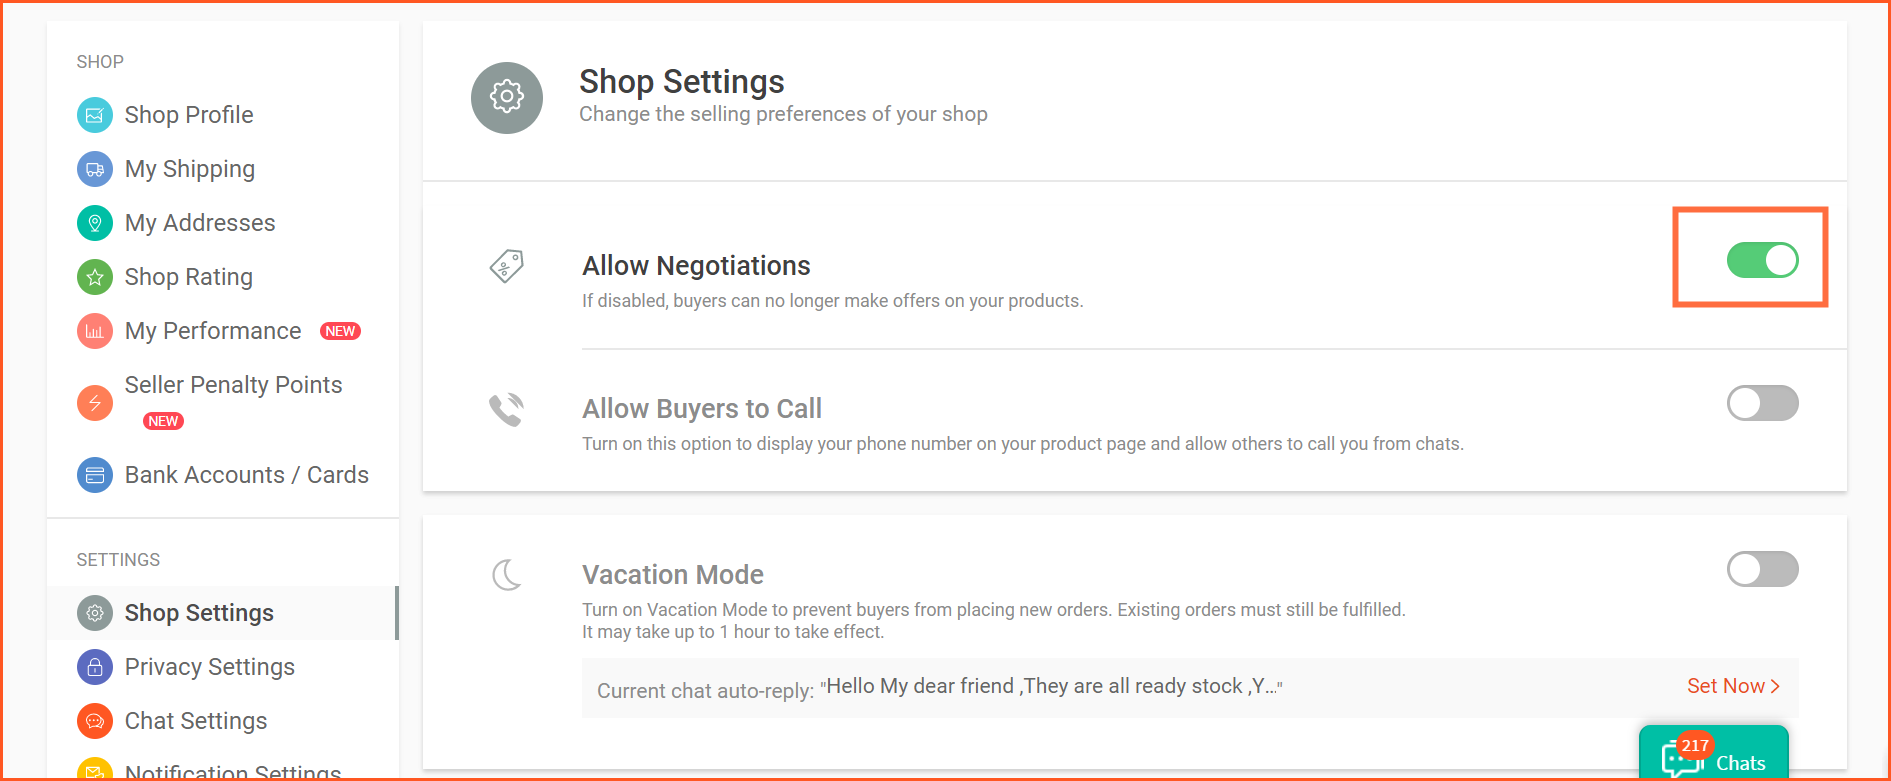 虾皮购物(Shopee电商平台)从商家帐号注册入驻卖家平台到运营教程 – 订单管理与售后 议价操作